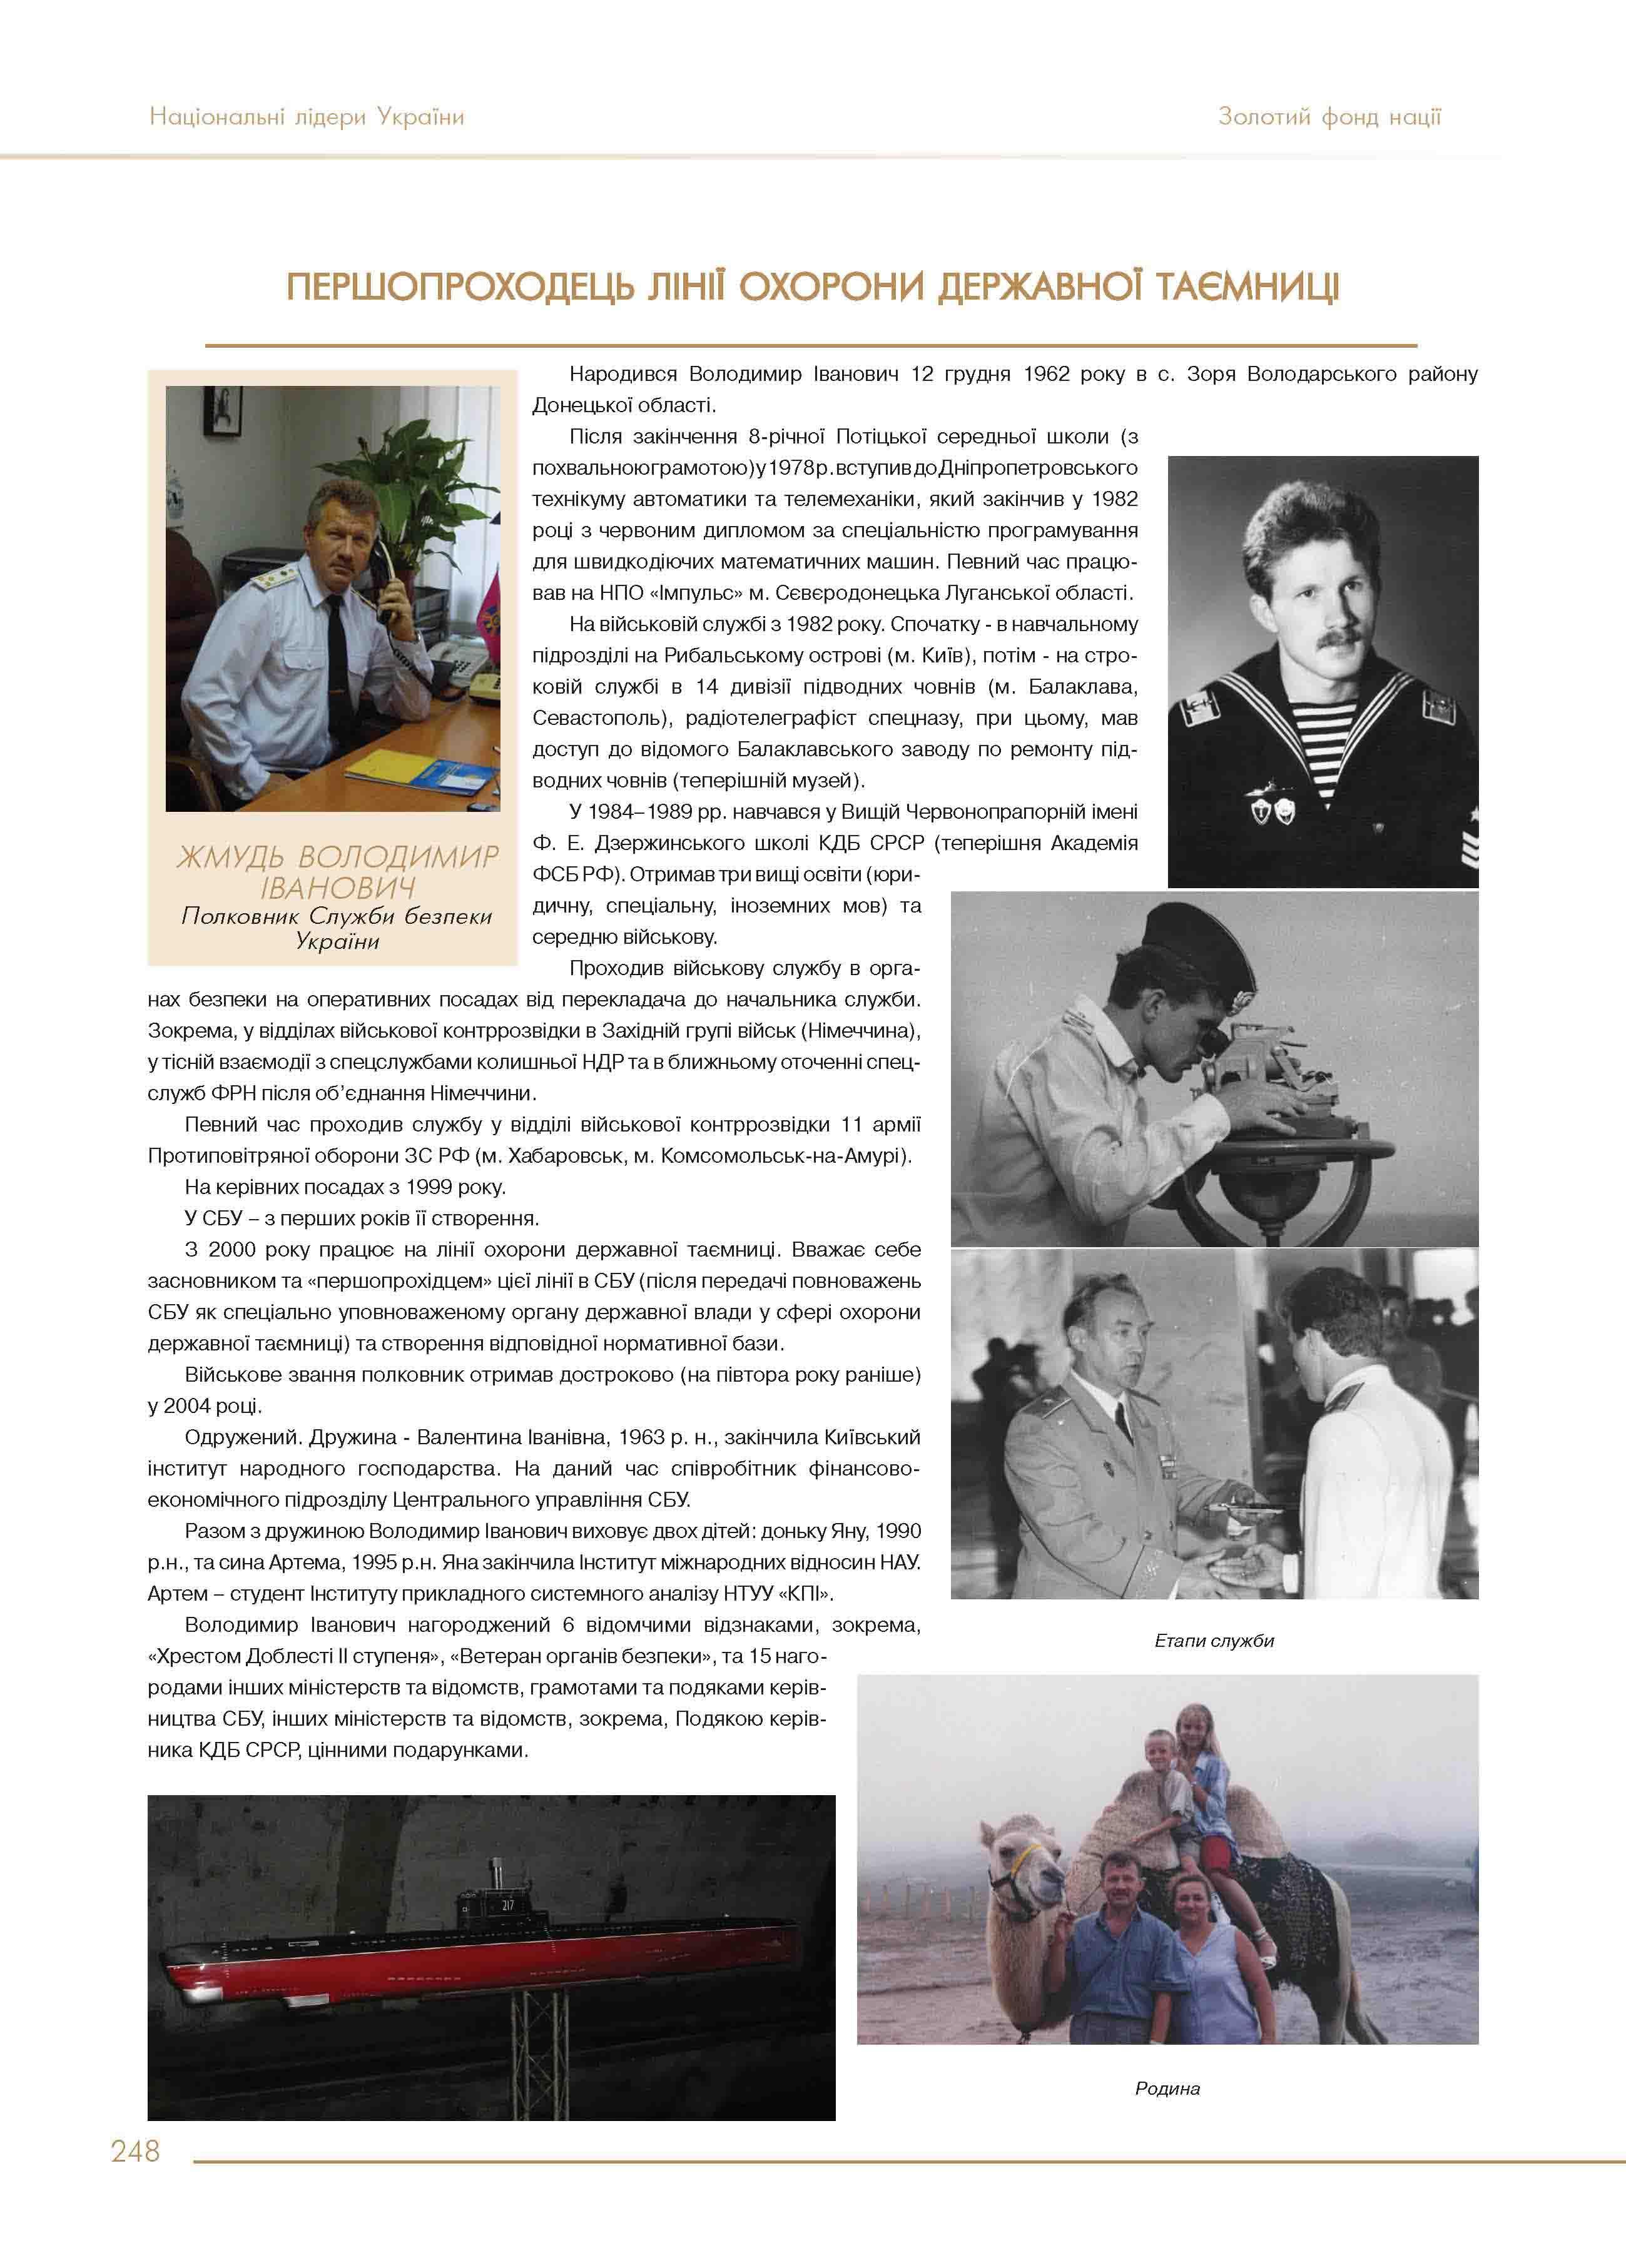 Жмудь Володимир Іванович. Полковник Служби безпеки України